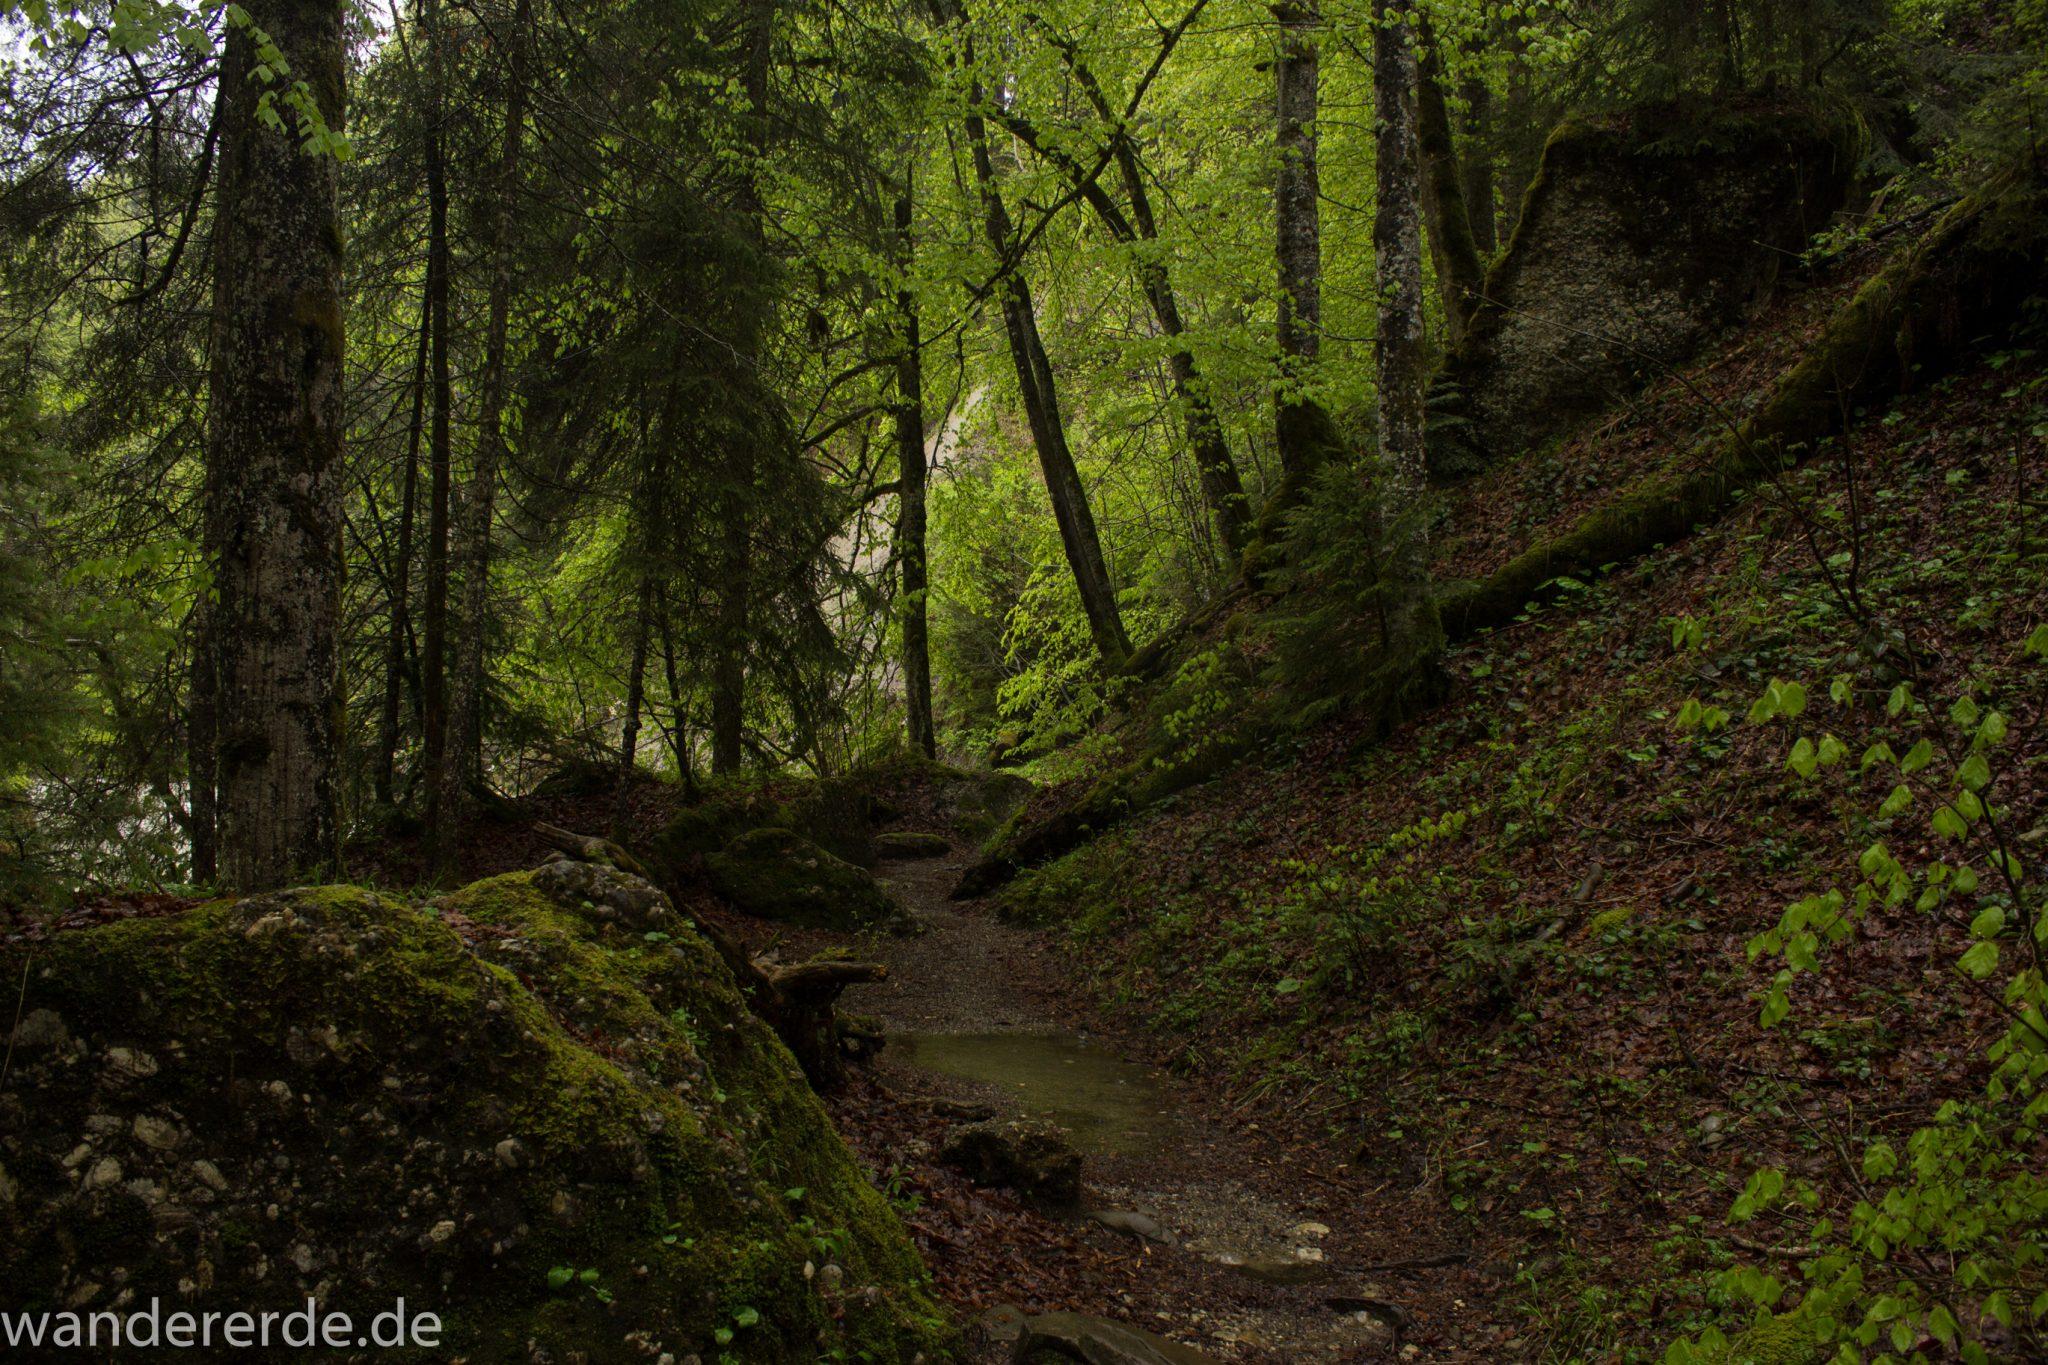 Wanderung Tobelweg ab Gunzesried im Allgäu, Ostertal Tobelweg ab Wanderparkplatz Gunzesrieder Säge wandern, abwechslungsreicher schmaler Pfad zum Ostertal, umgeben von Felsen und schönem, dichtem Mischwald